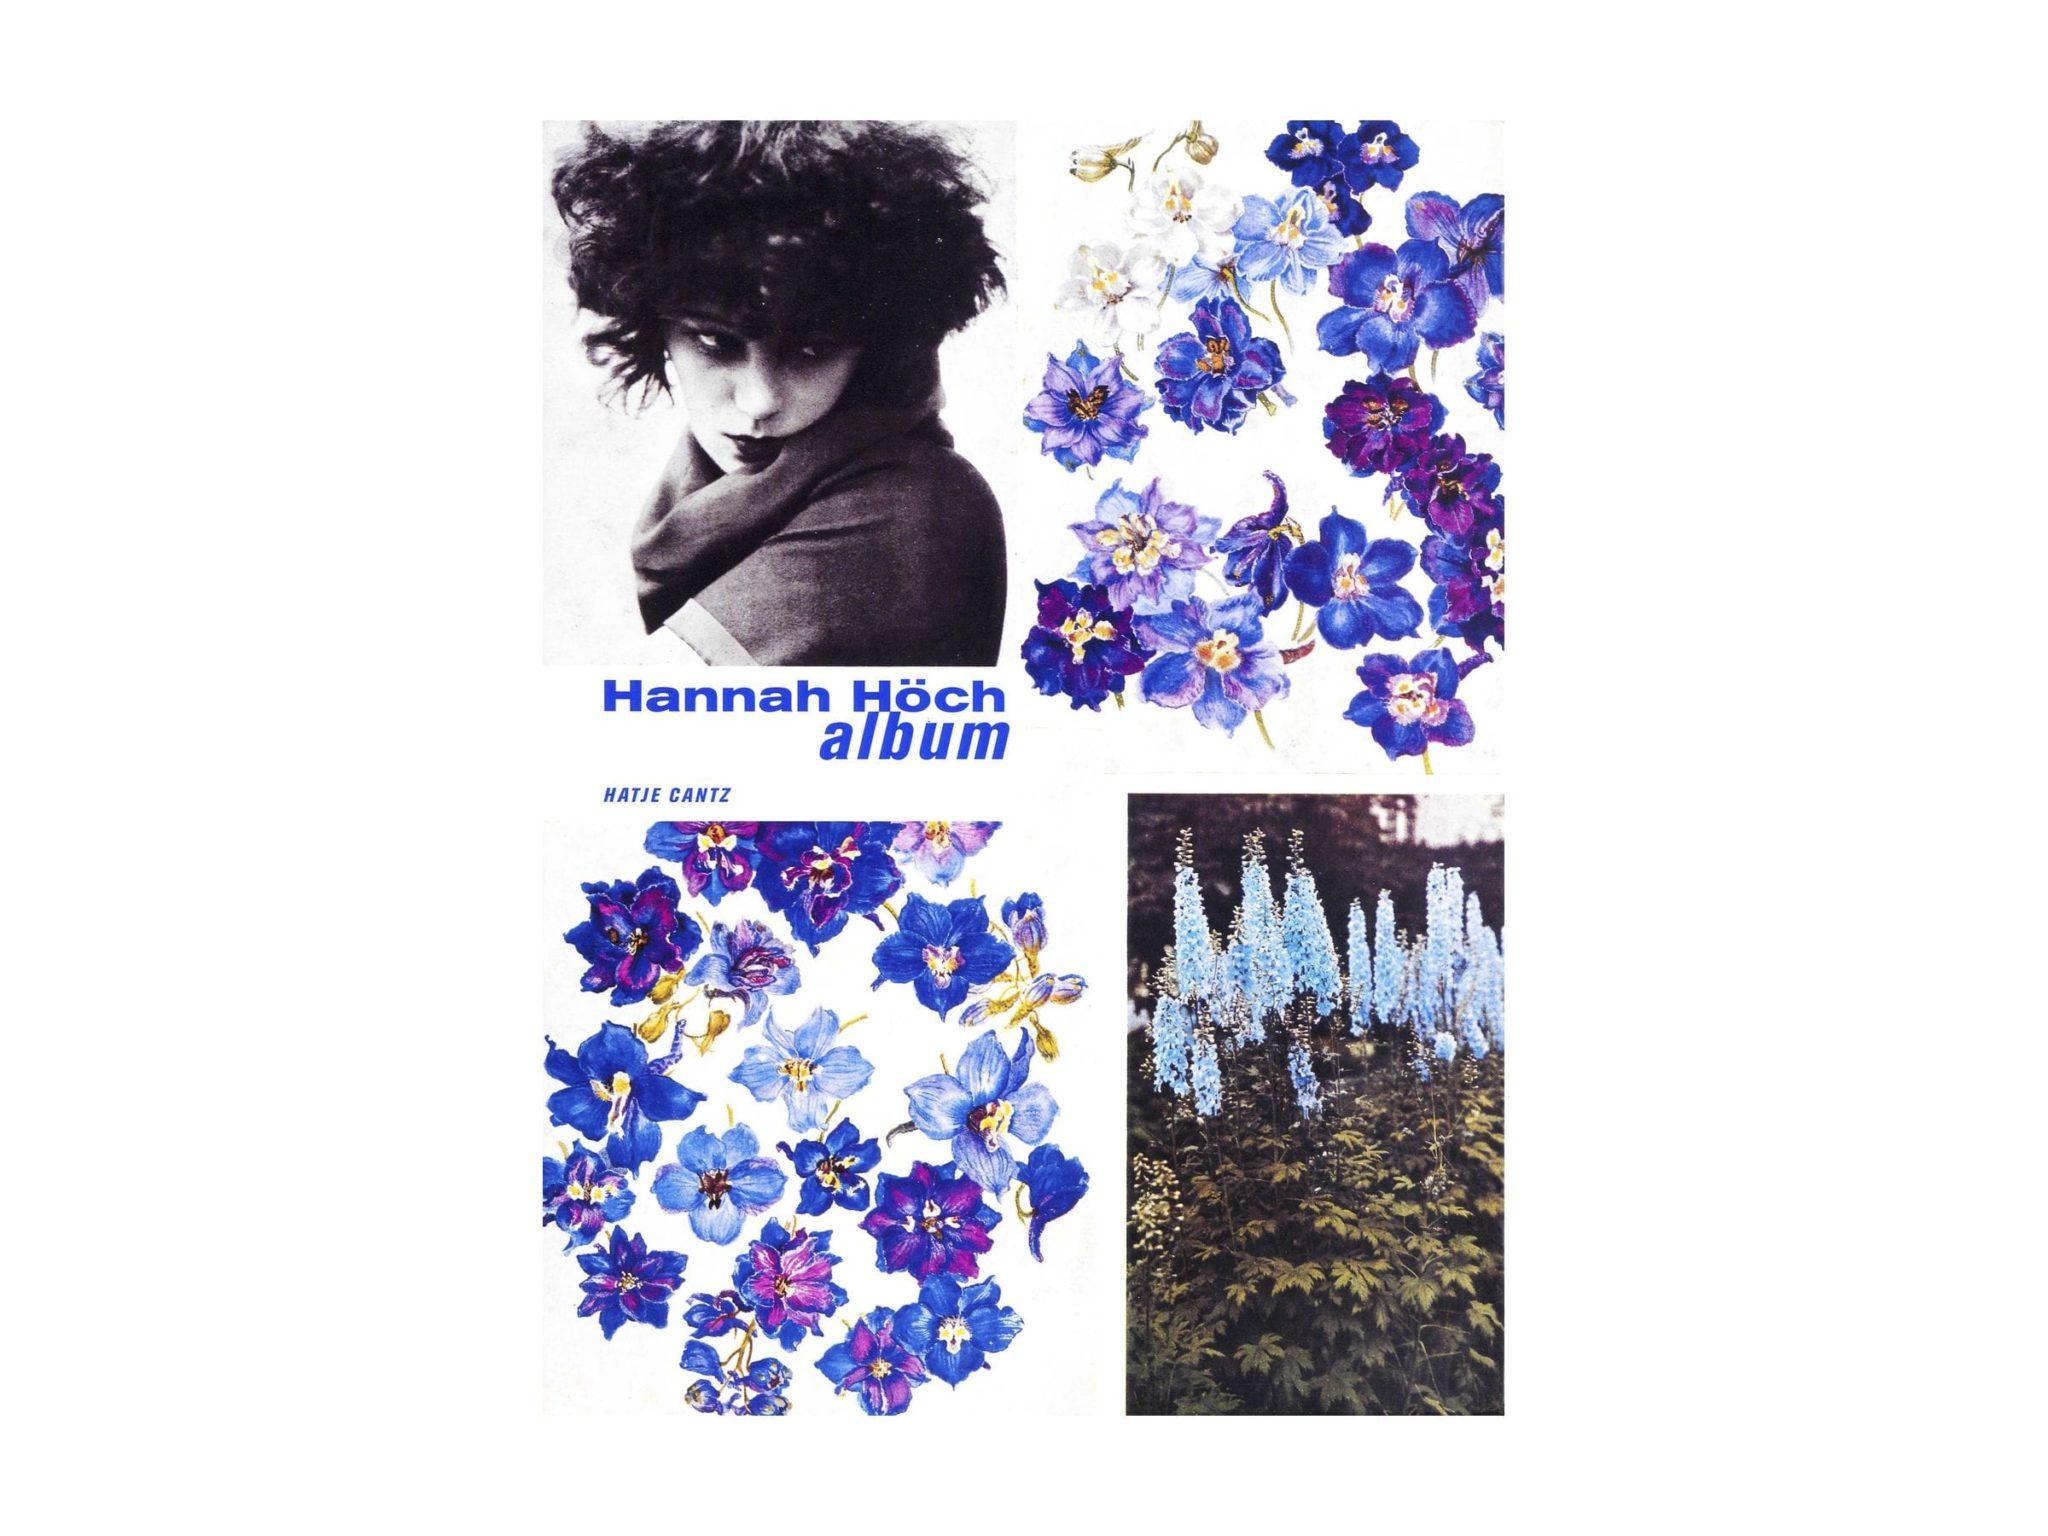 Carrousel-01-Hannah_Hoch-t